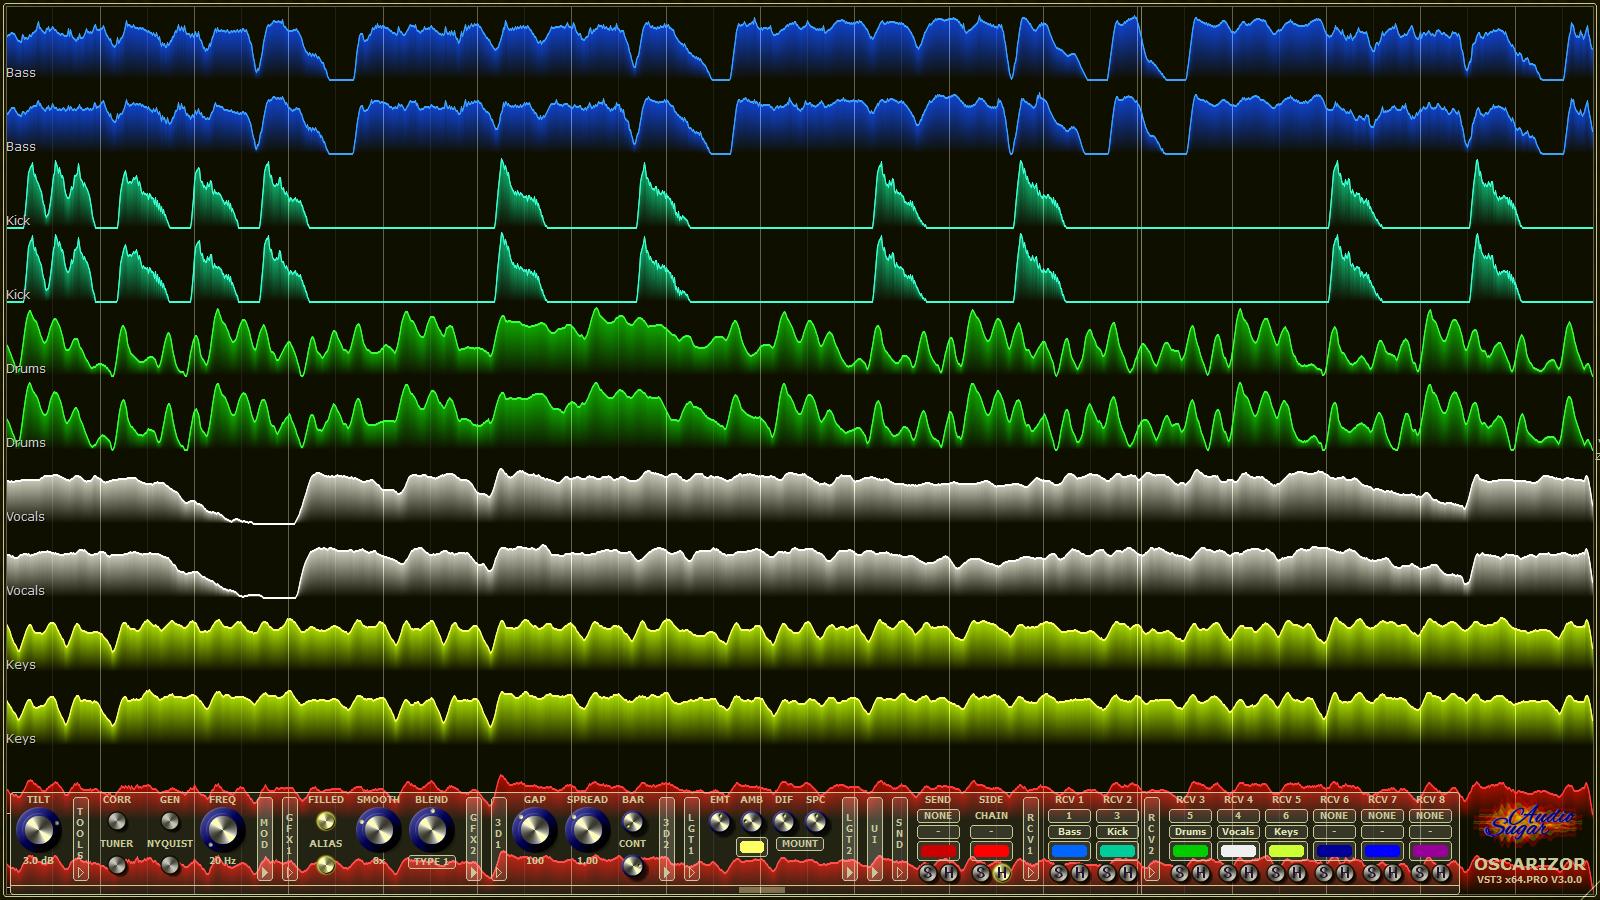 Oscarizor – 2D/3D Multi Channel Spectrum Analyzer Audio Plug-In